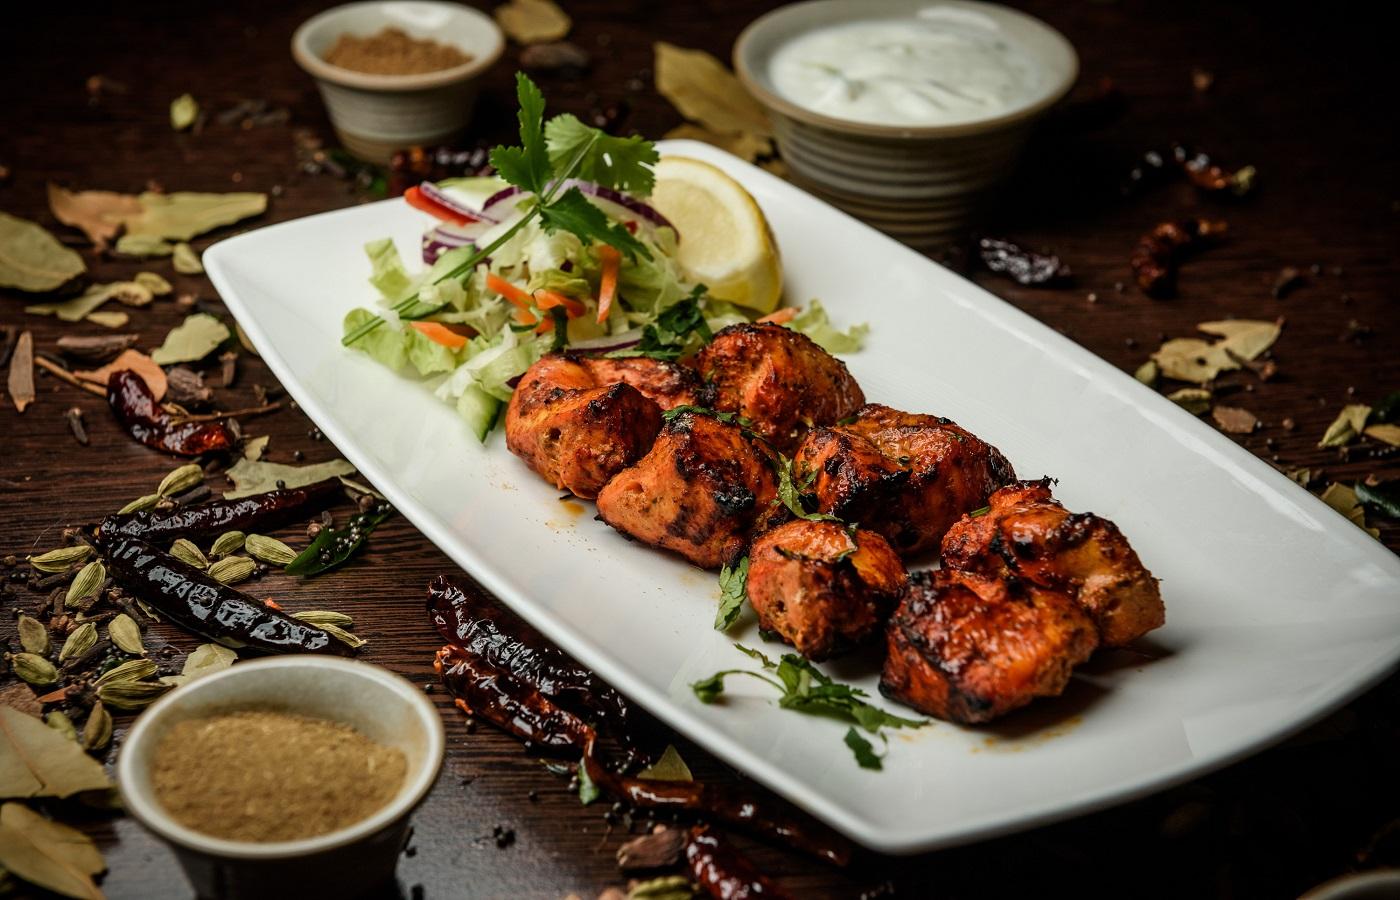 Pakistani style Chicken boti plate